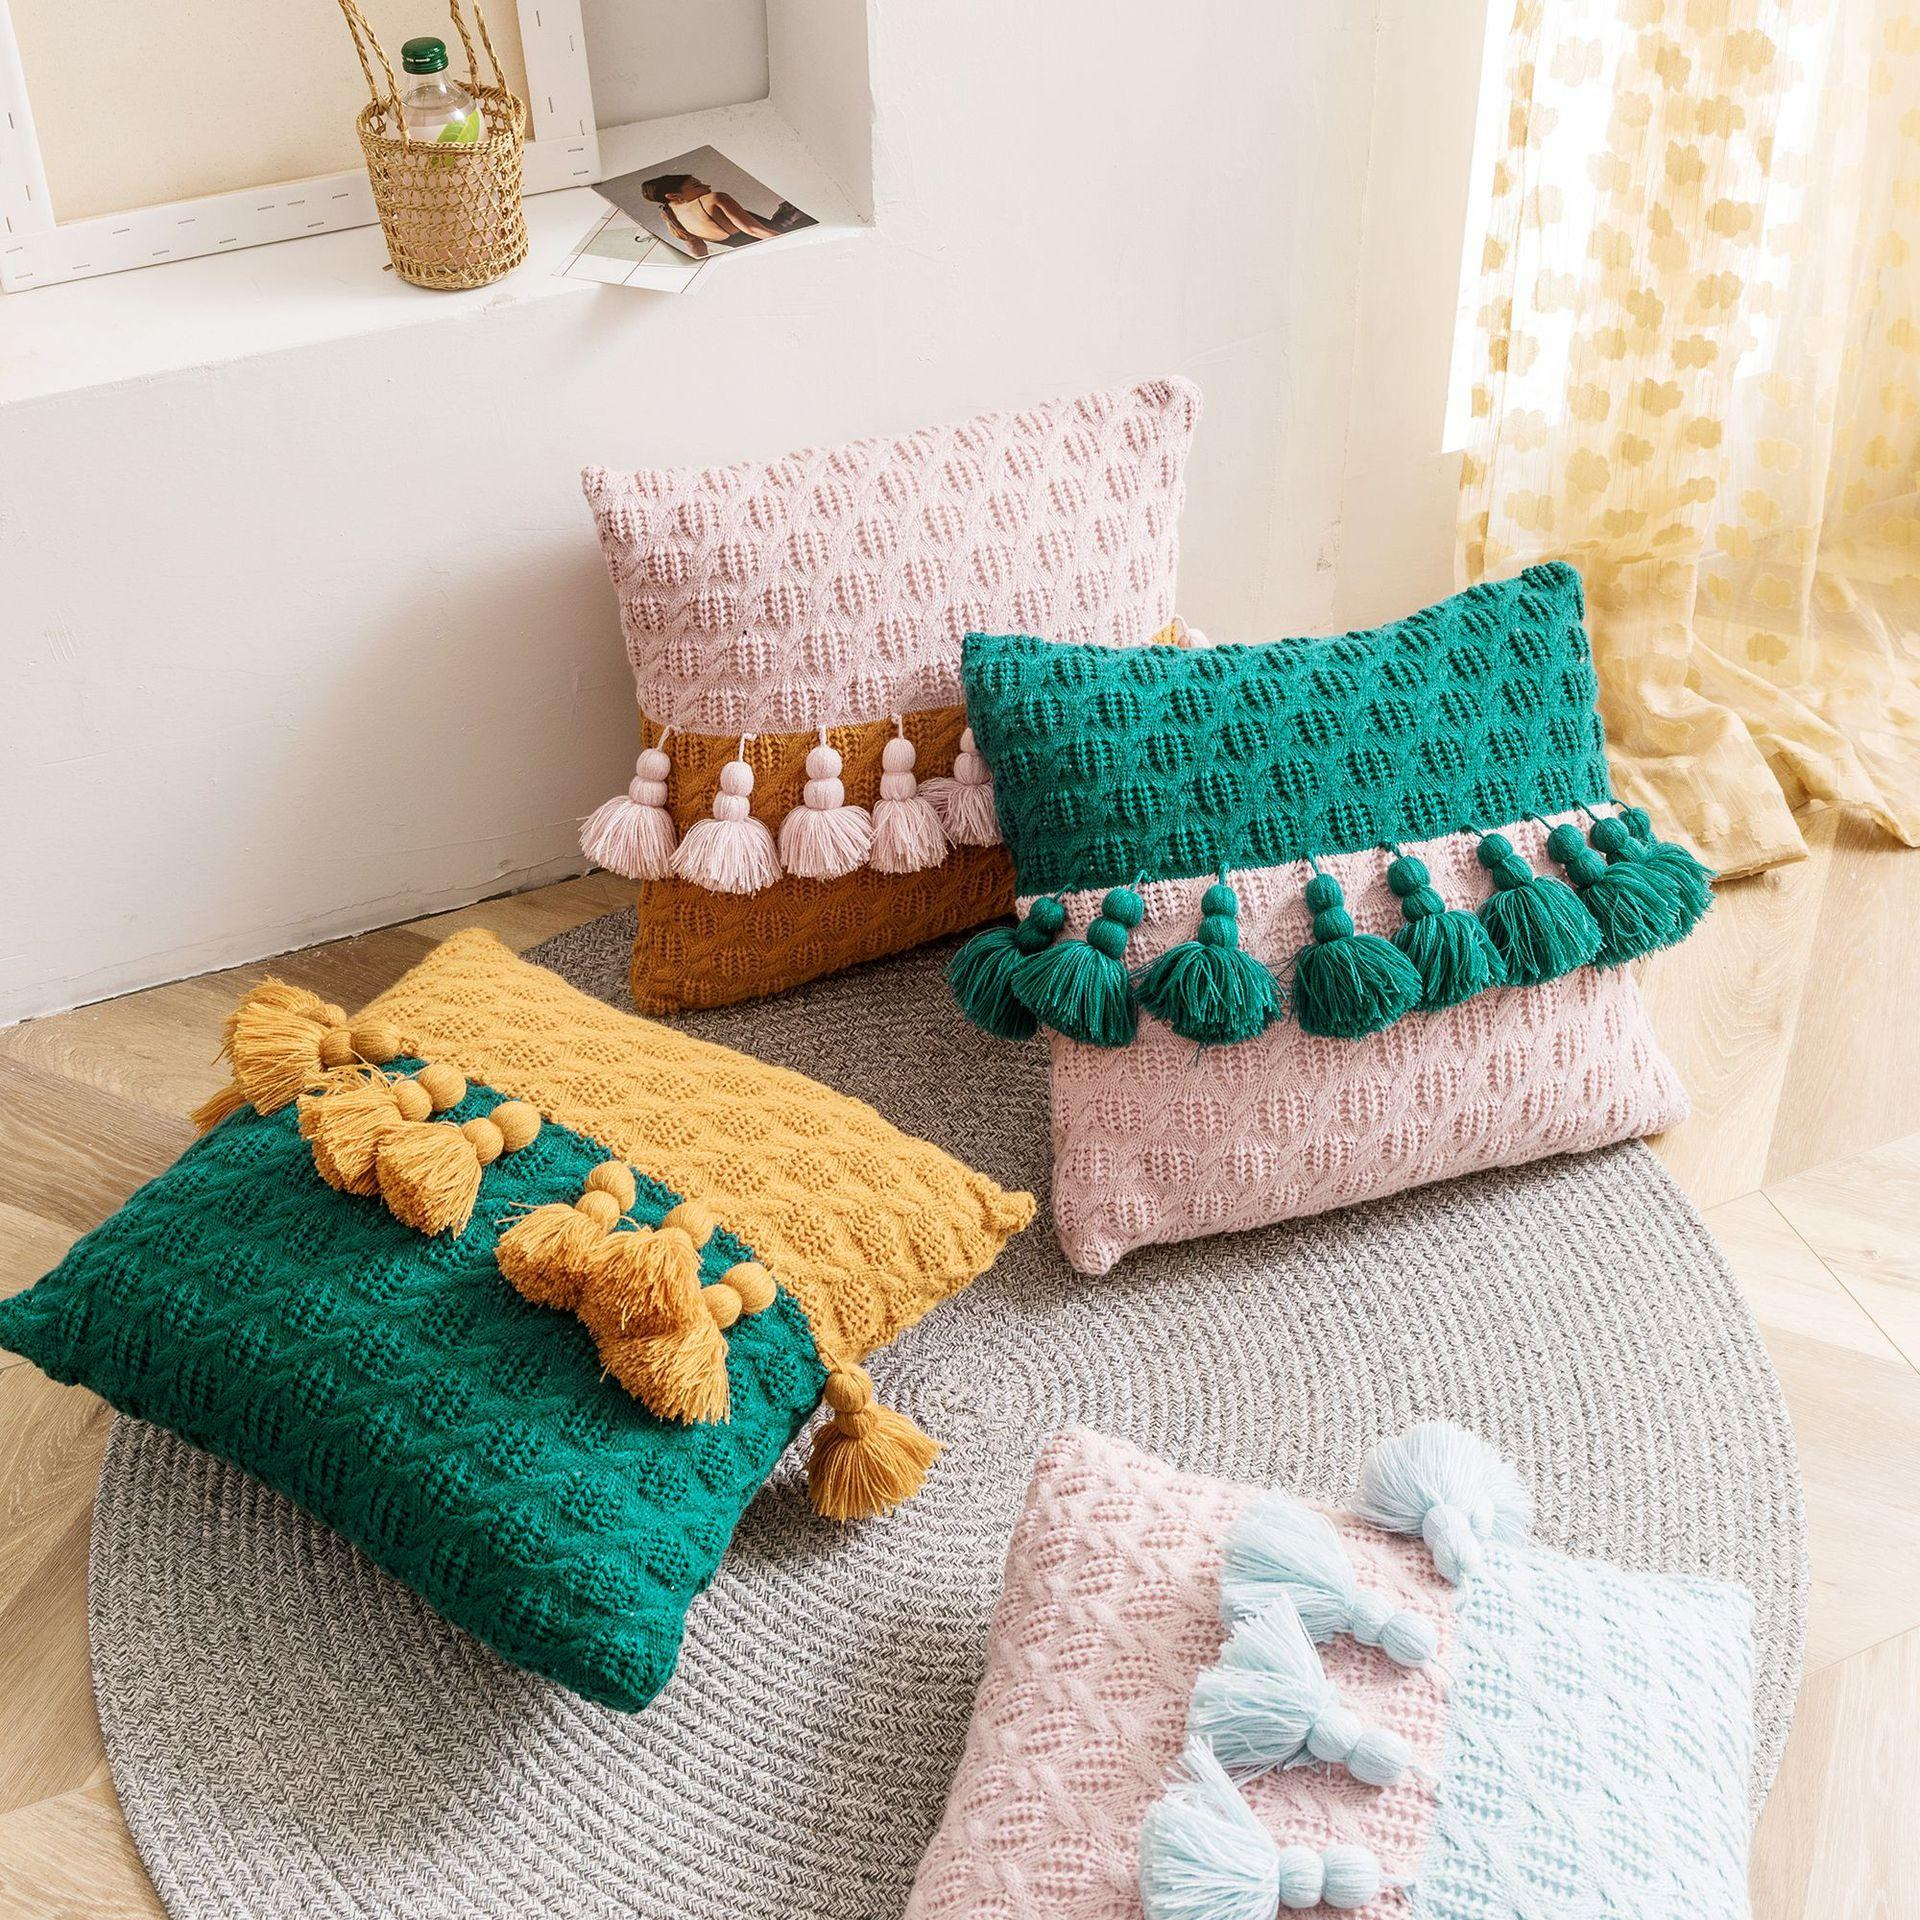 Coussin maille couverture style nordique Taie Glands Square Pillow Couverture 45x45cm Décoration